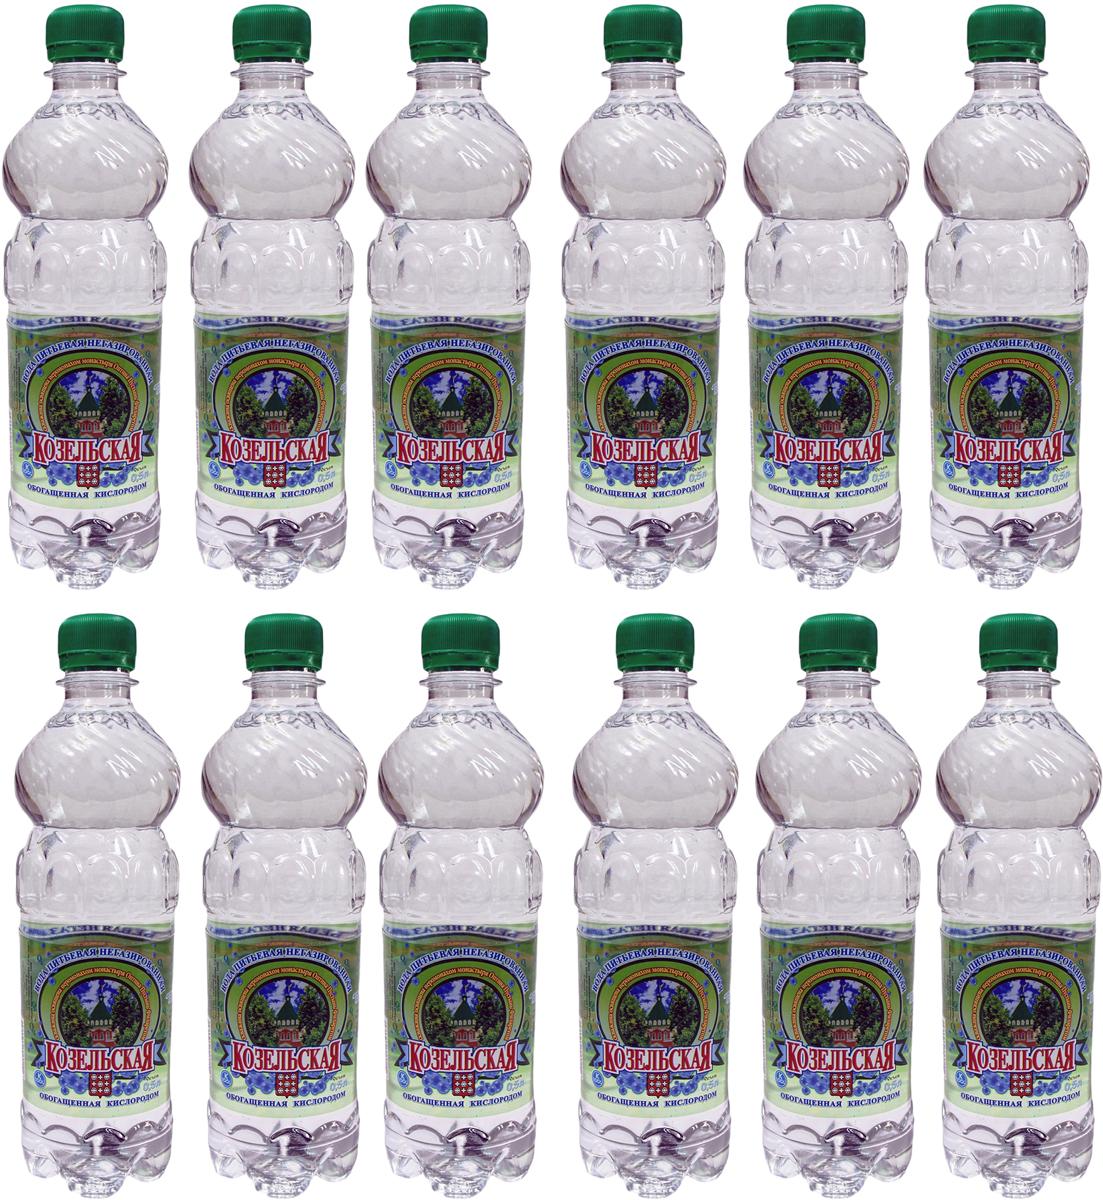 Козельская вода питьевая обогащенная кислородом, 12 шт по 0,5 л